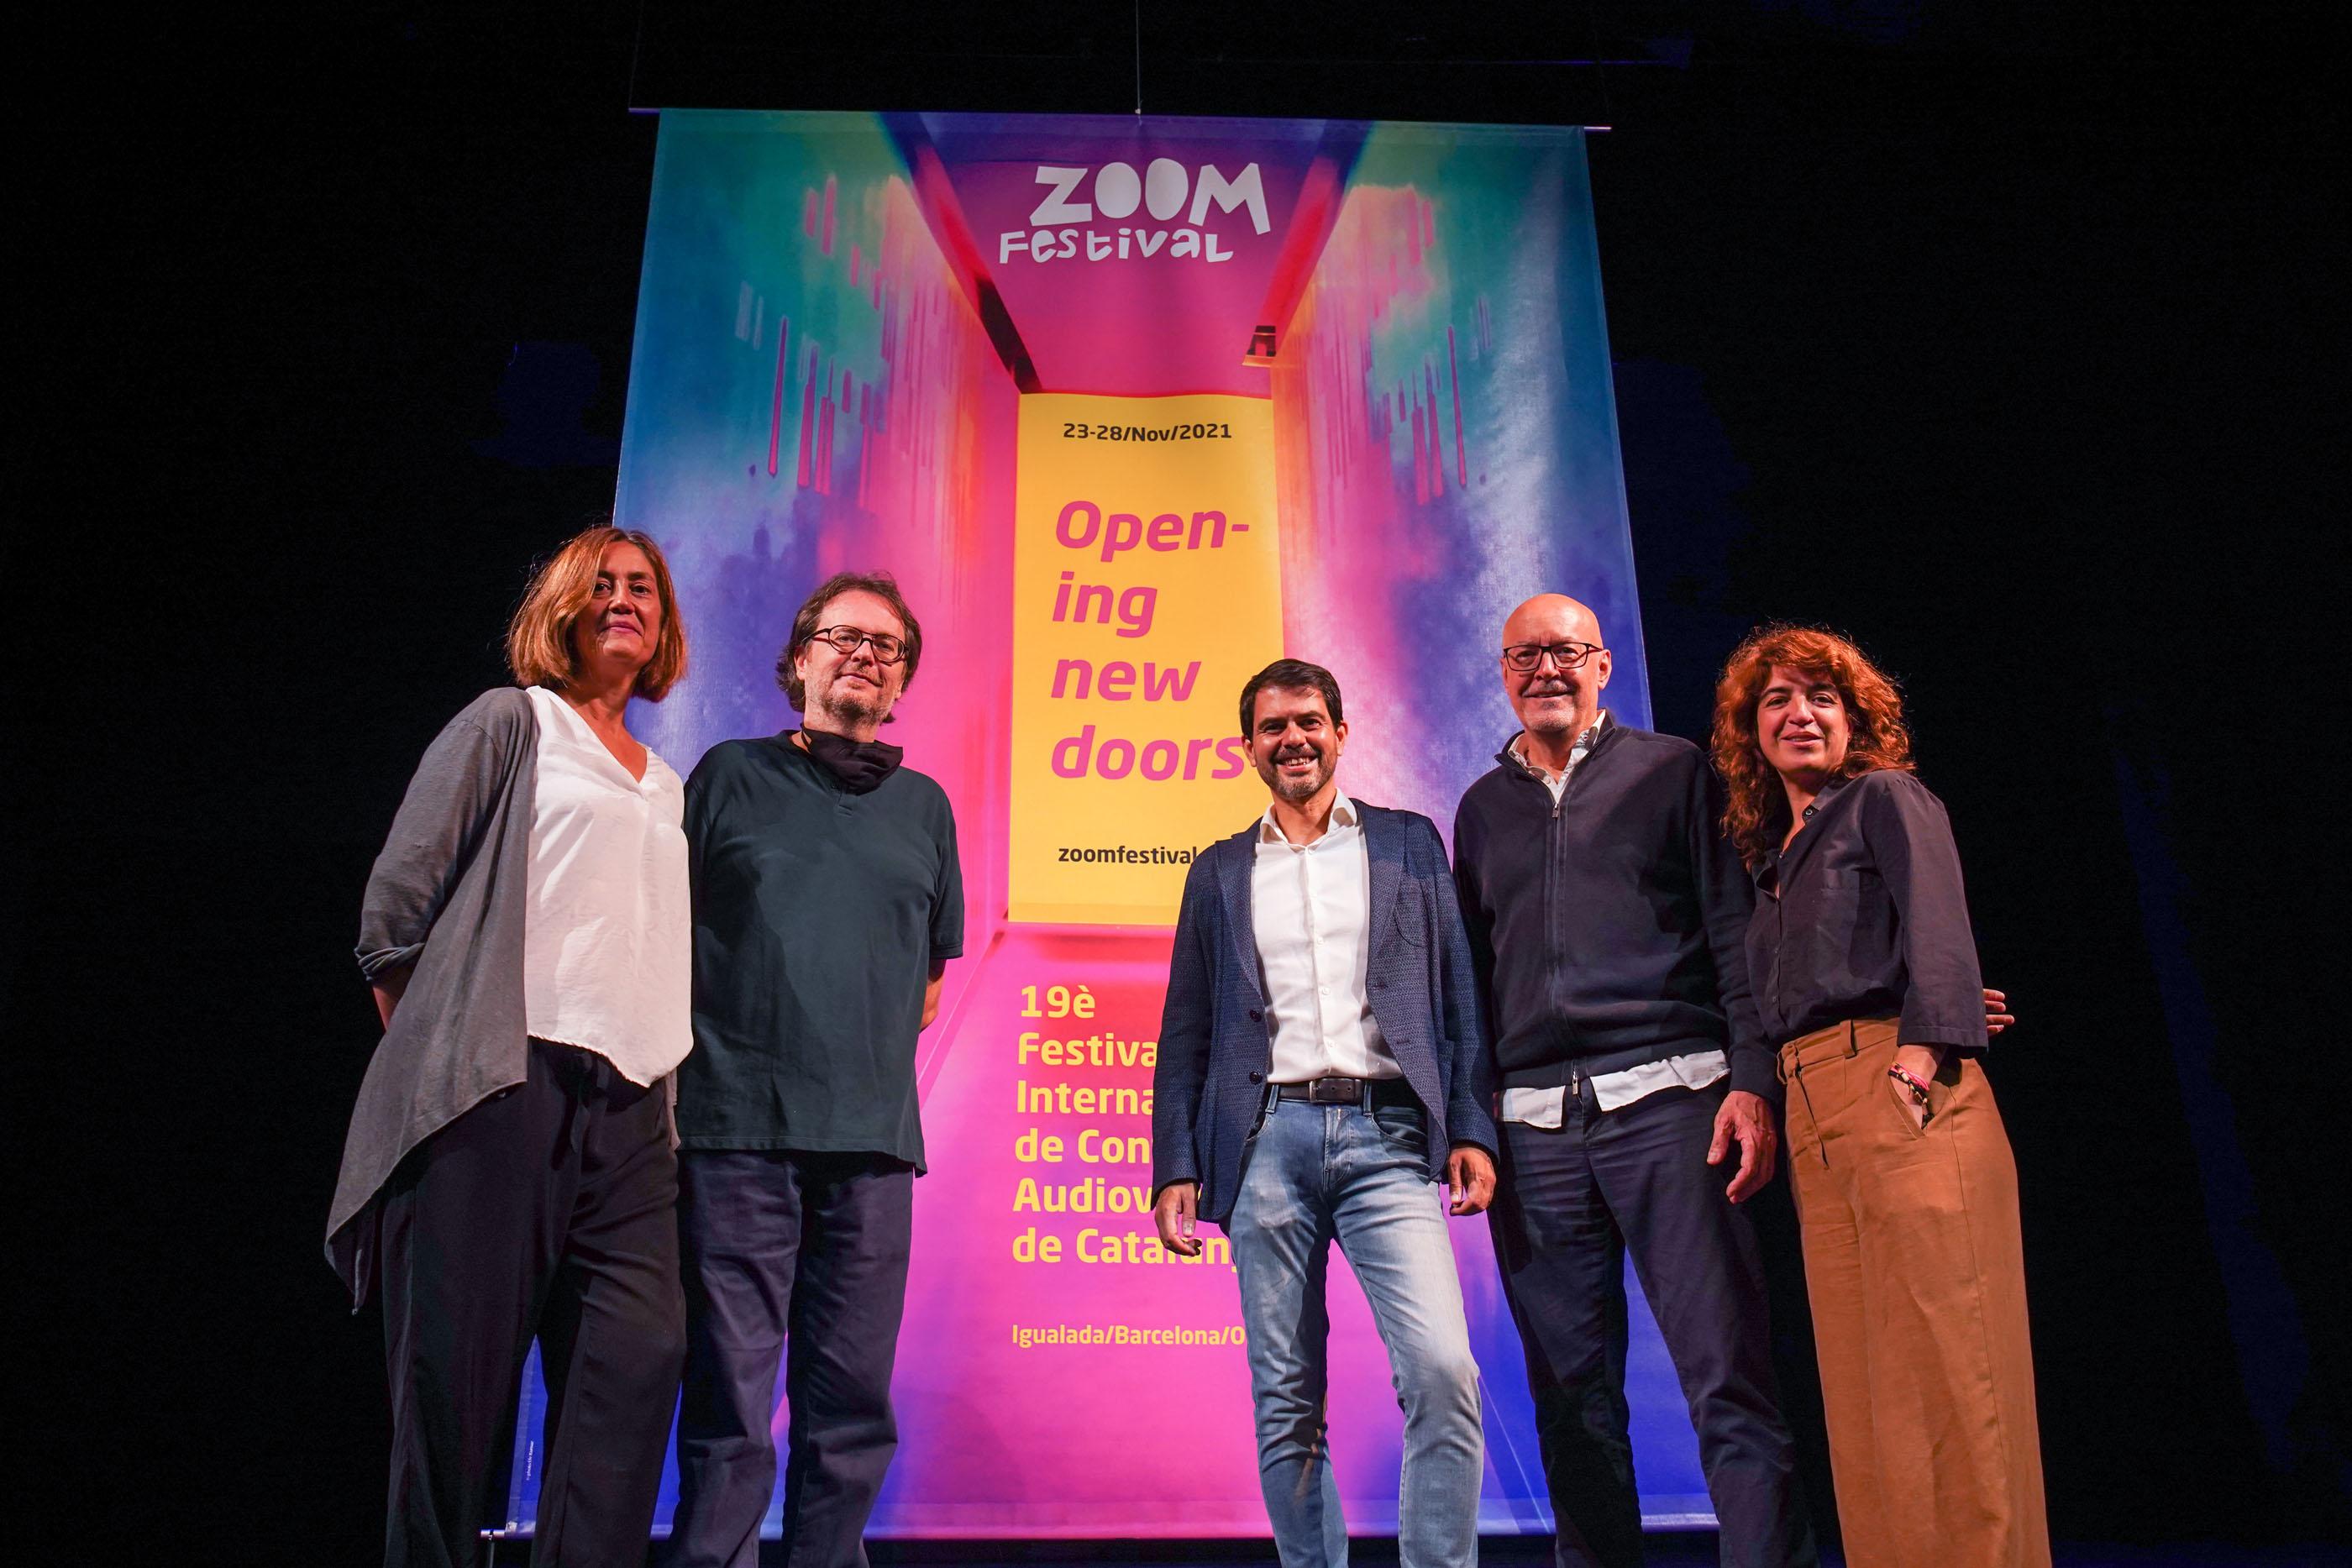 Zoom Festival Presentación